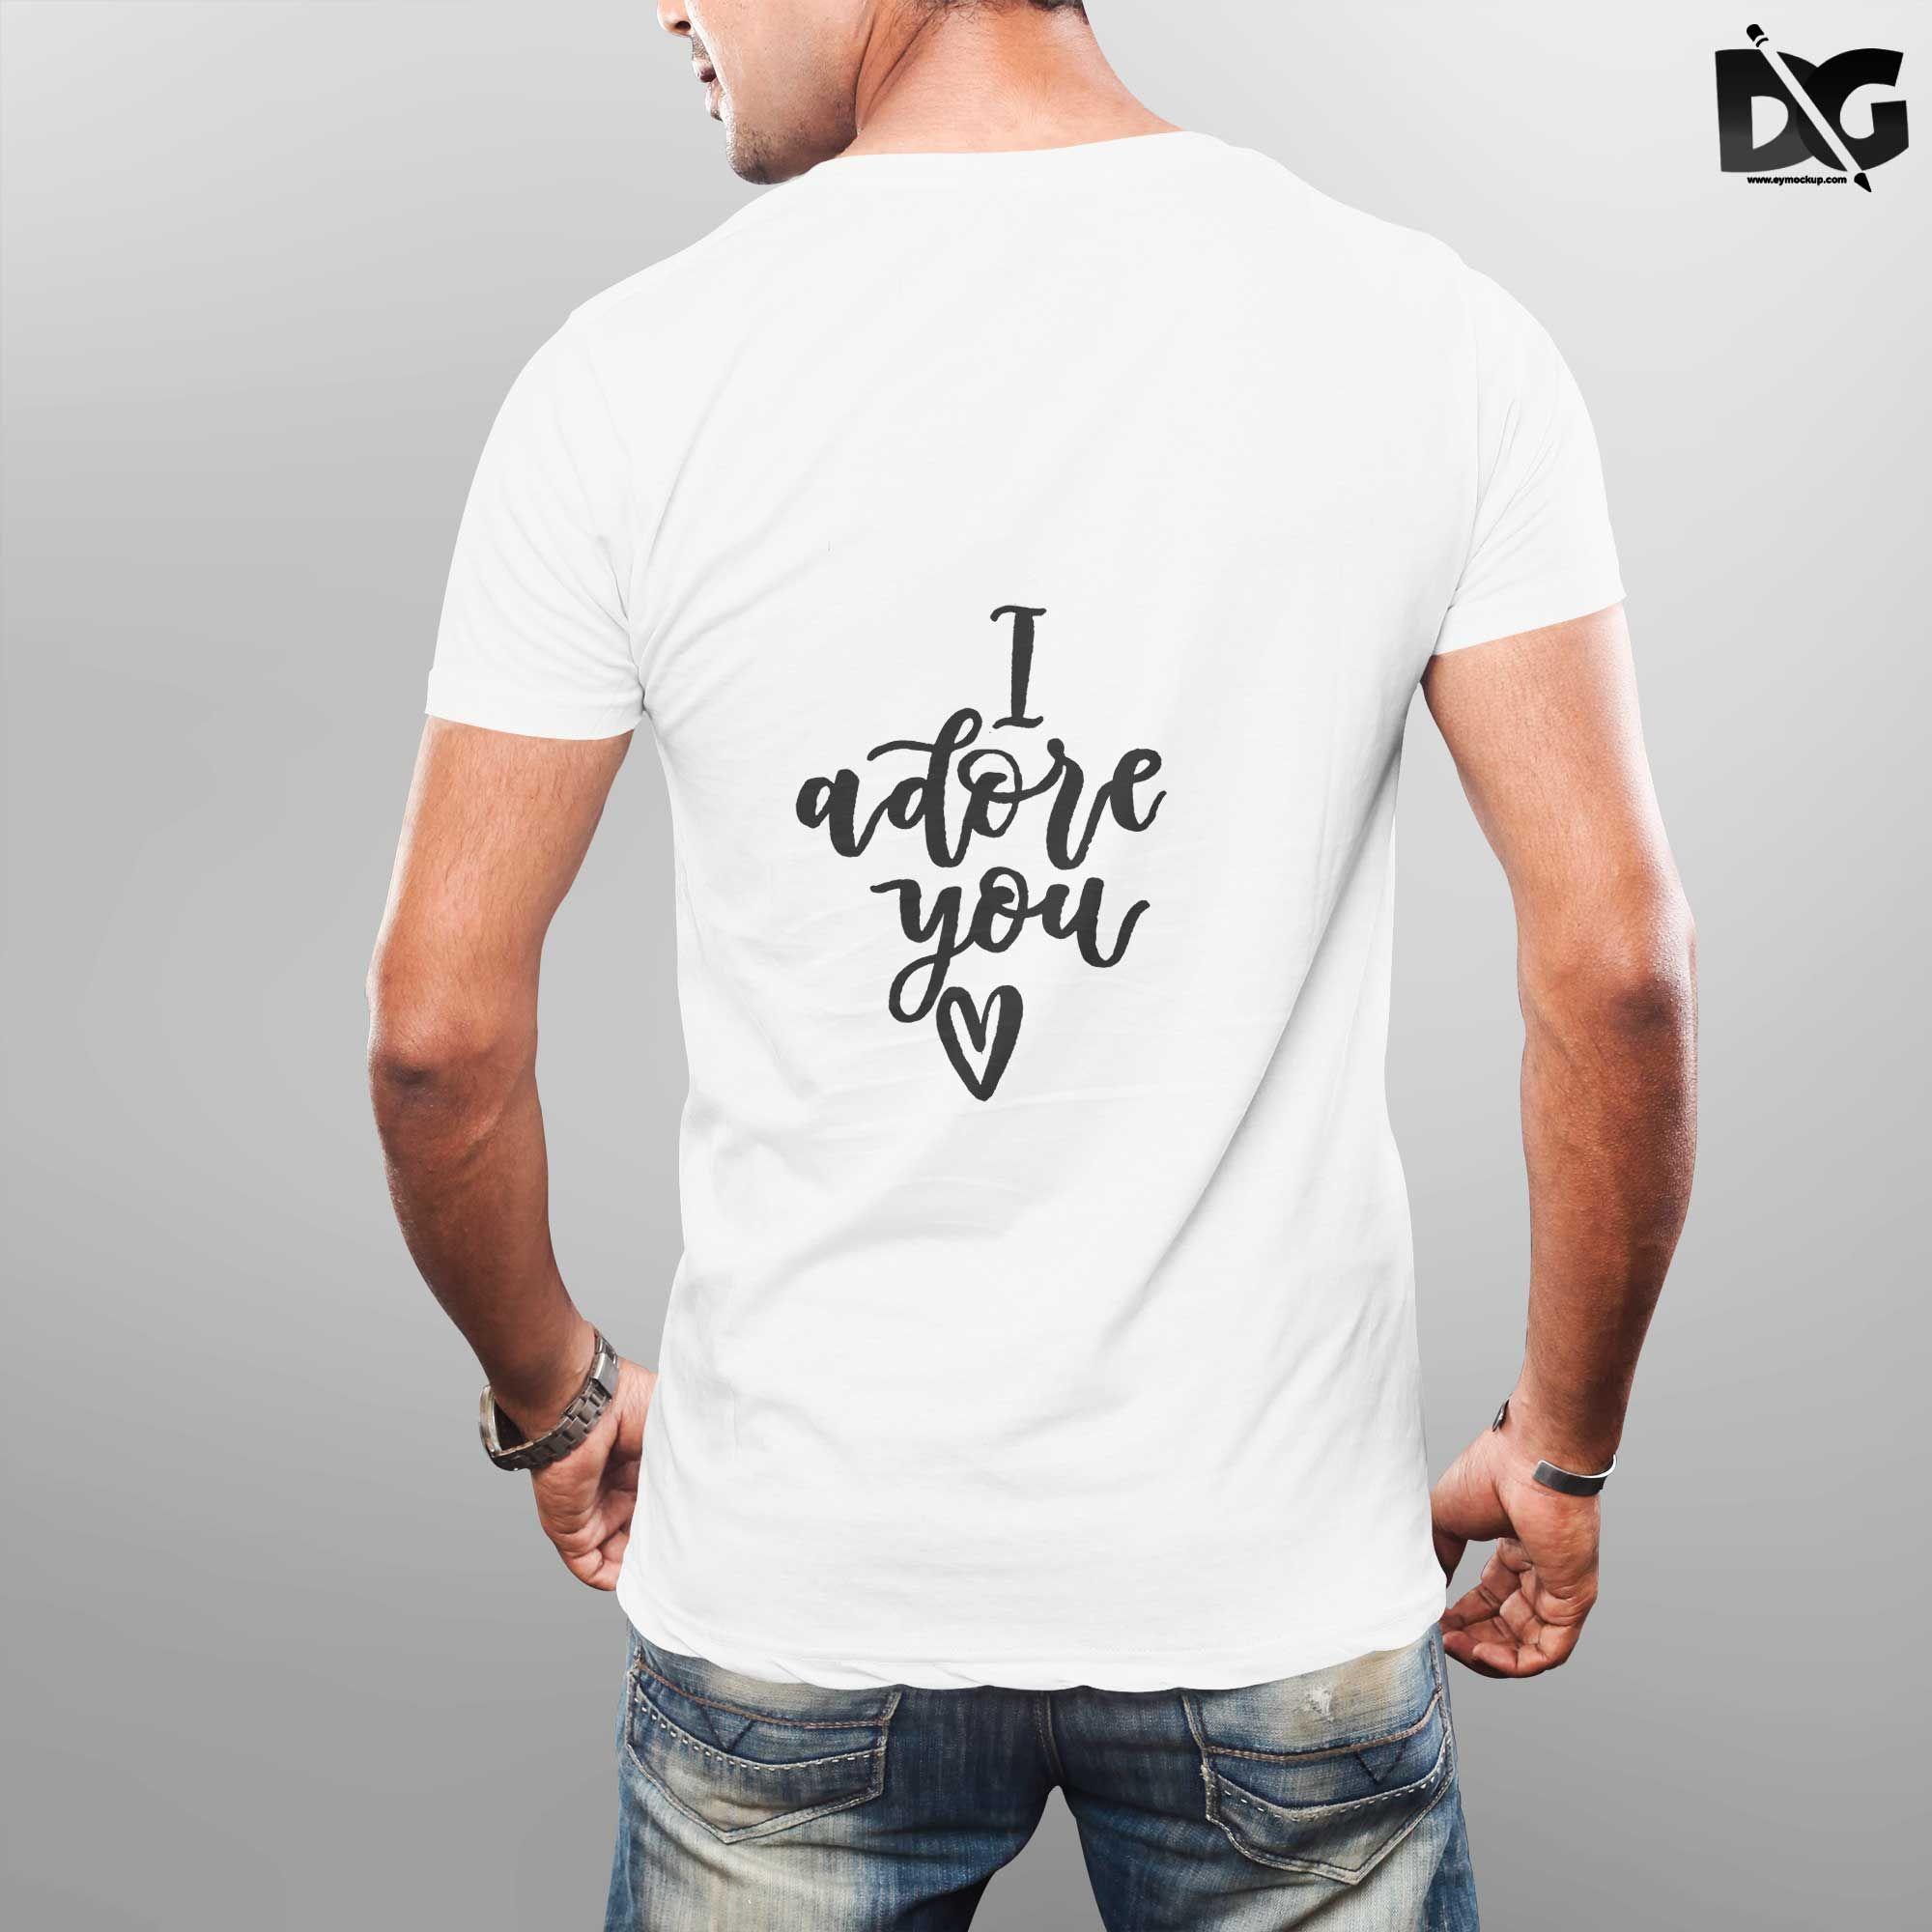 Free Premium Tshirt Back Psd Mockups Clothing Mockup Clothing Labels Design Logo Design Mockup